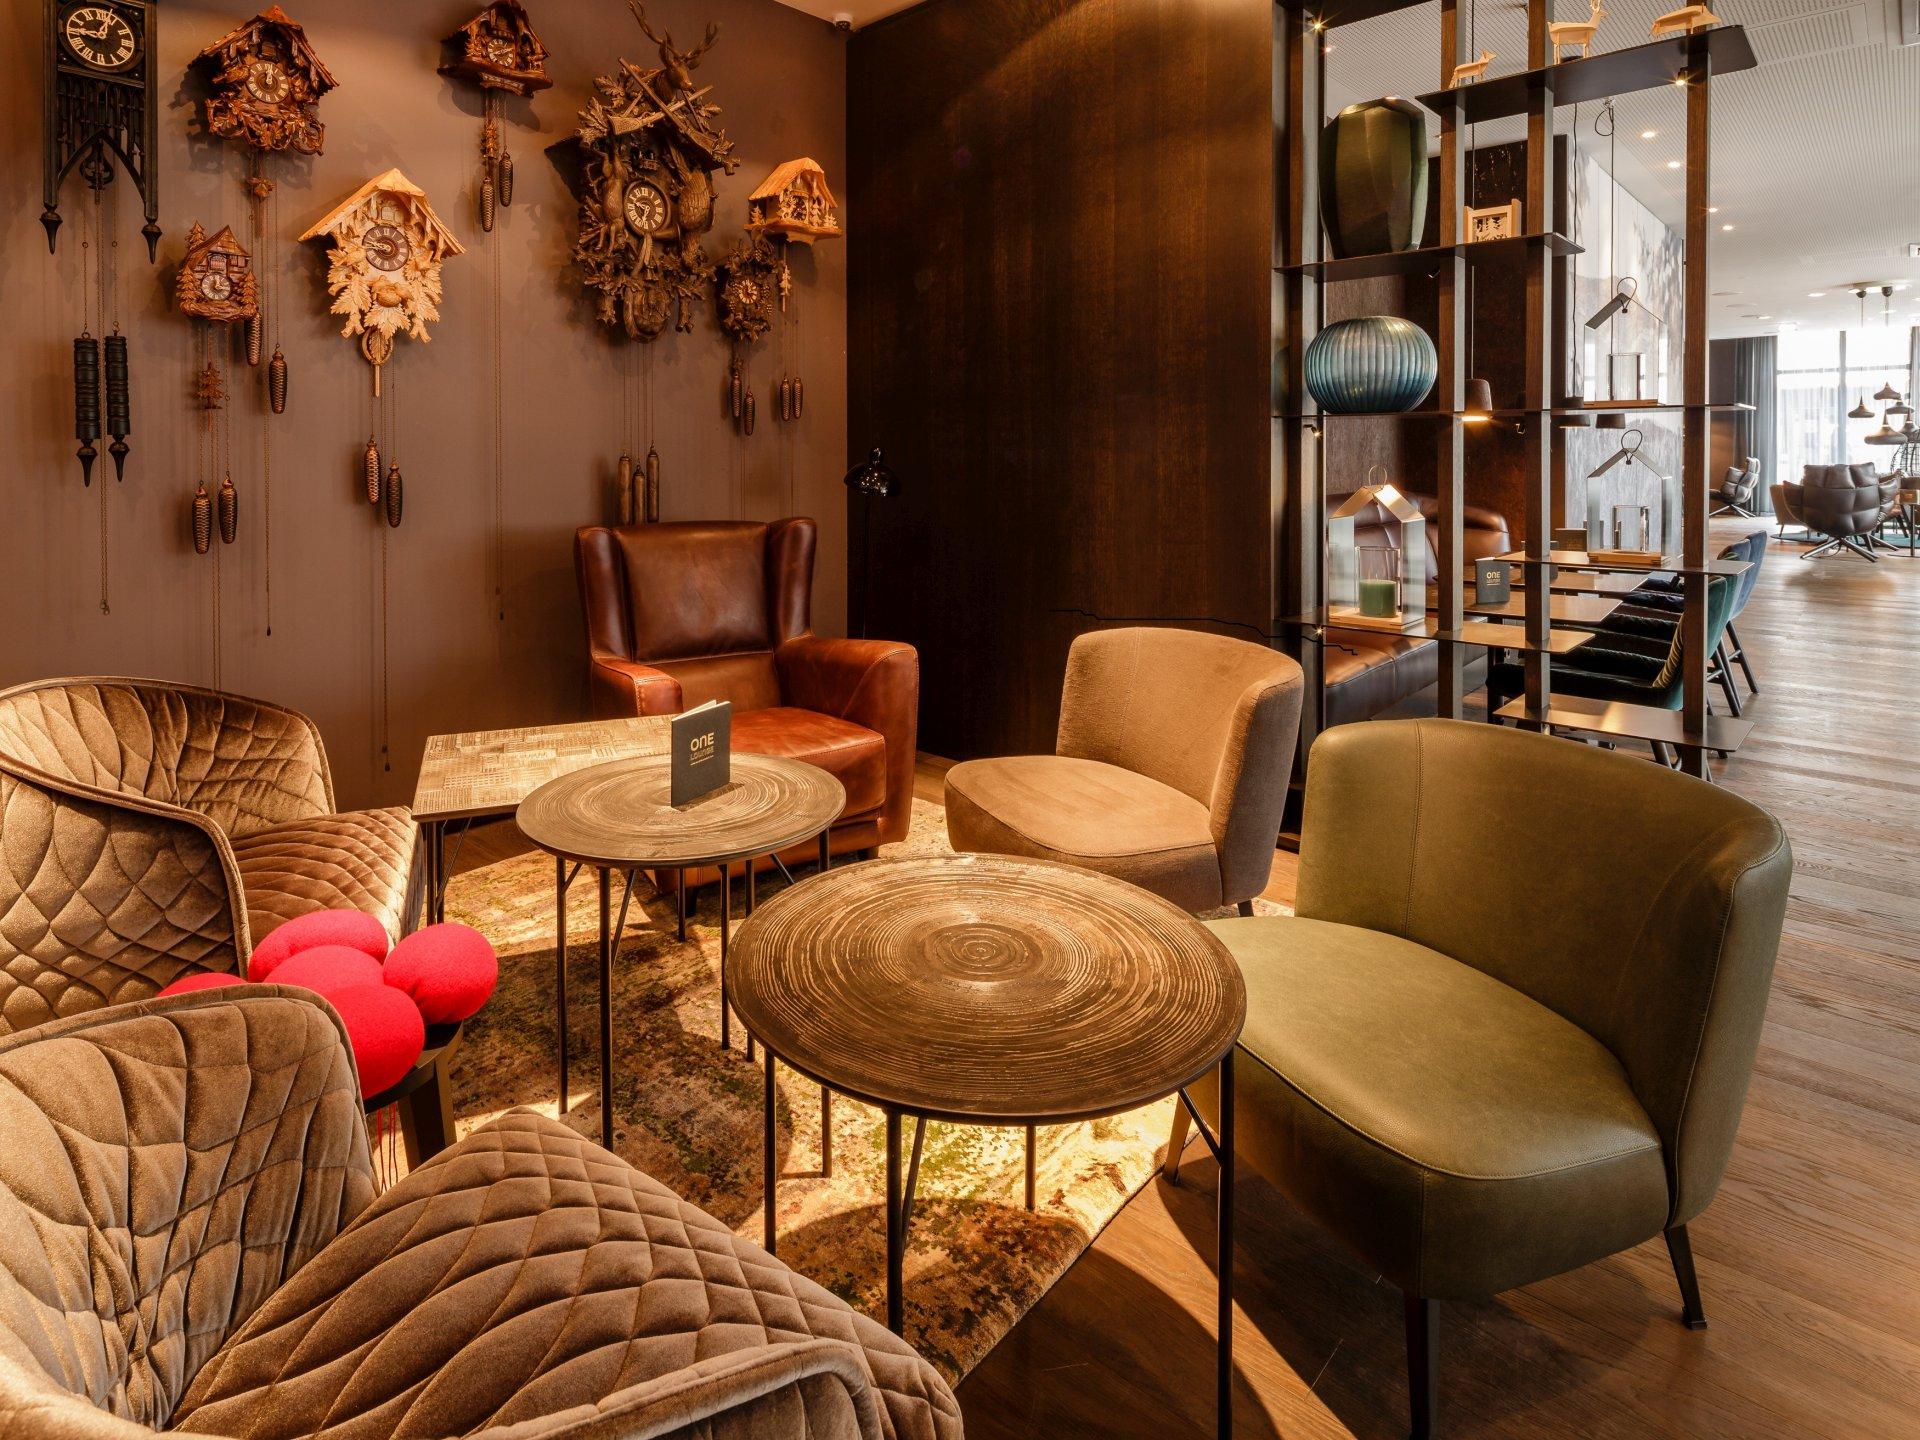 Neues Motel One in Freiburg eröffnet   hotelbau   Fachzeitschrift ...